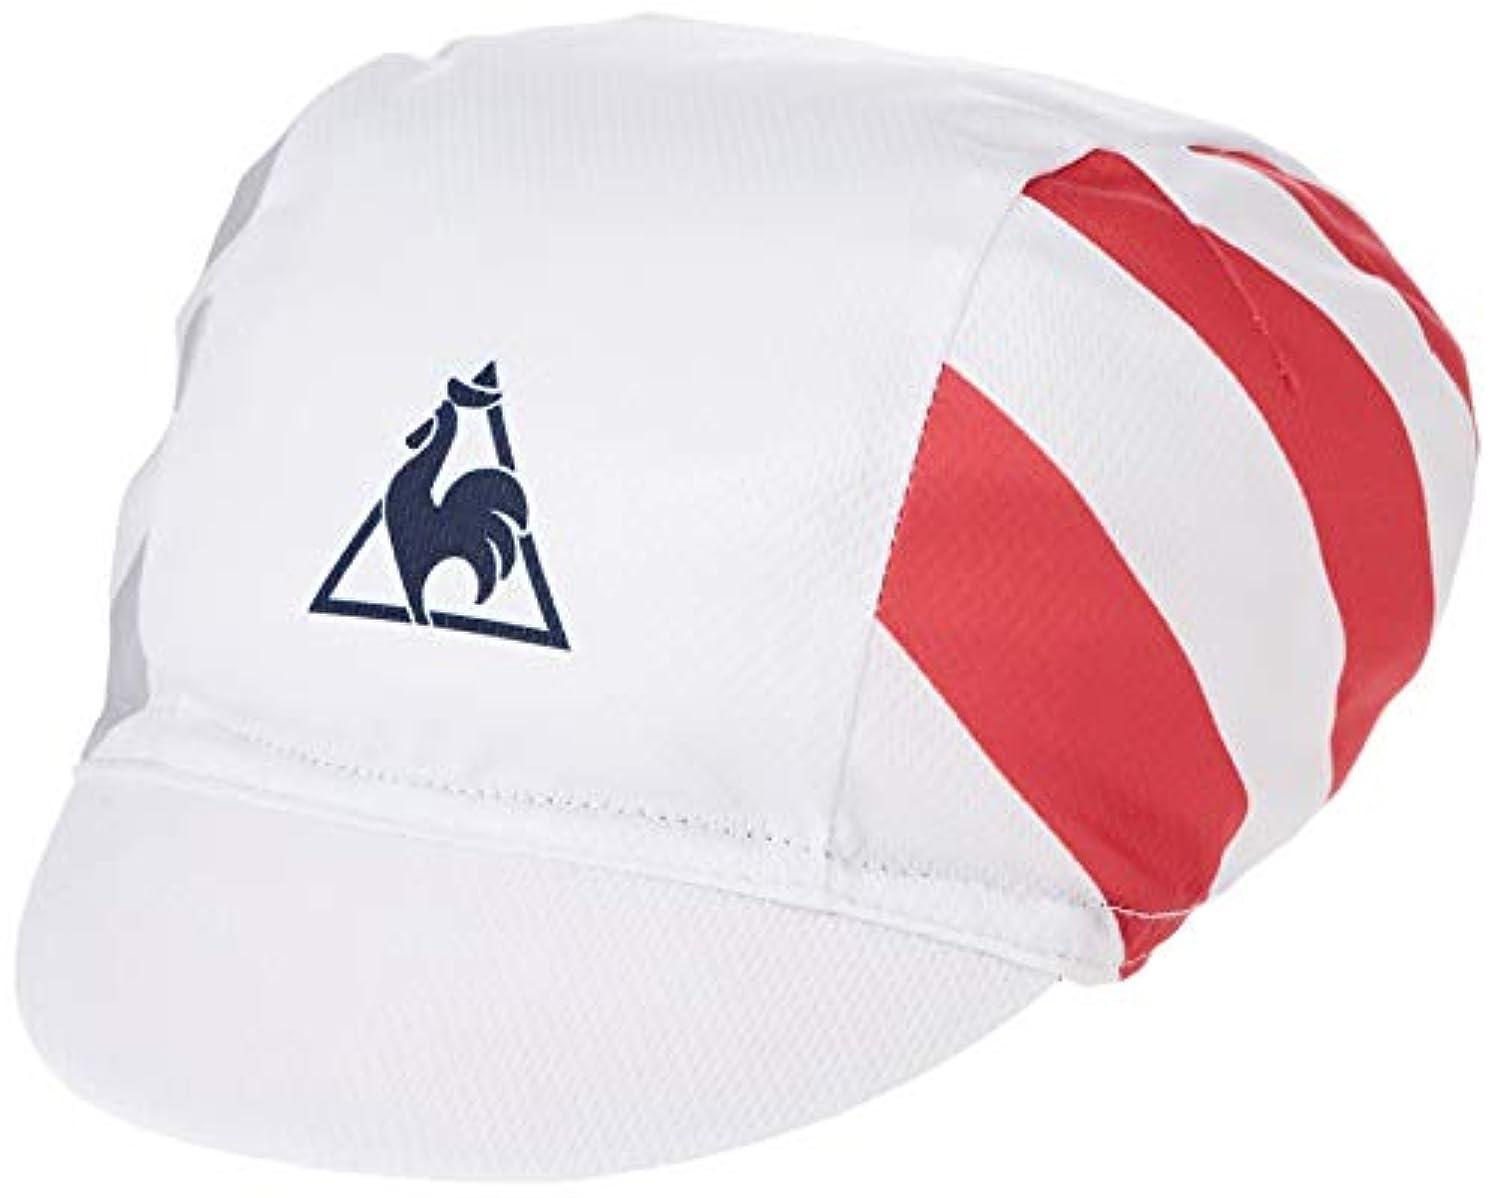 露おとこ情報[ルコックスポルティフ] 帽子 Quick Dry Cap ドライキャップ 吸汗速乾 UPF30